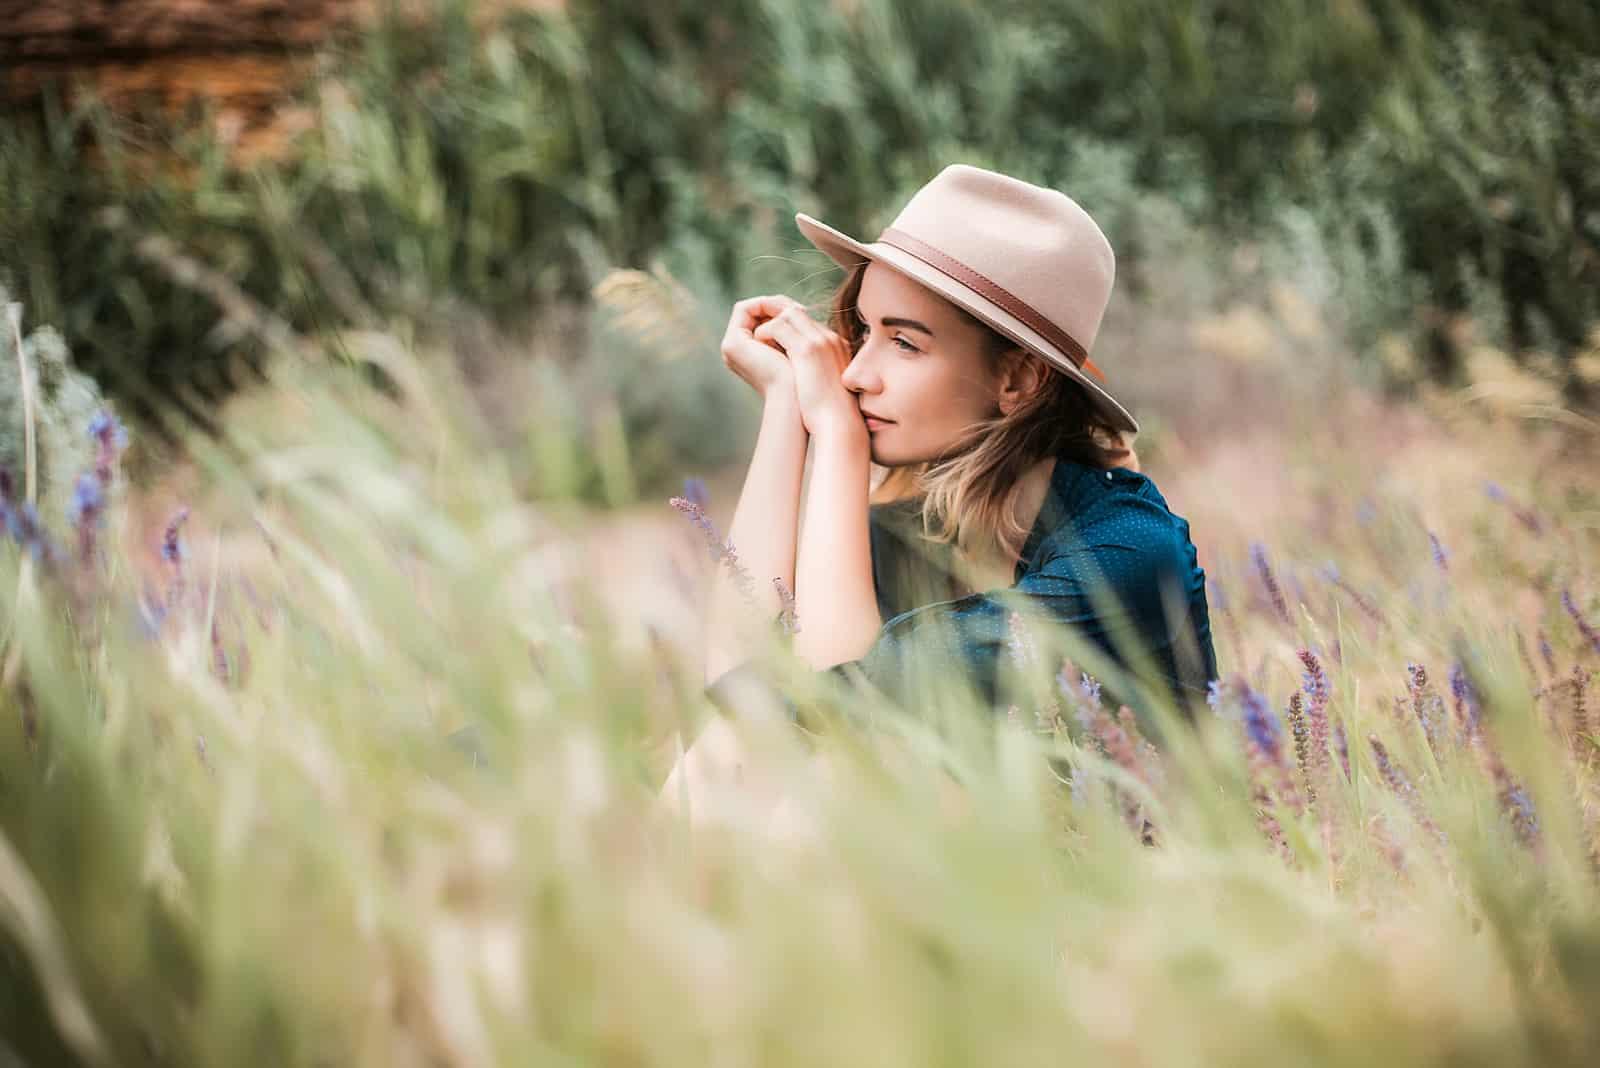 femme assise dans l'herbe aux beaux jours